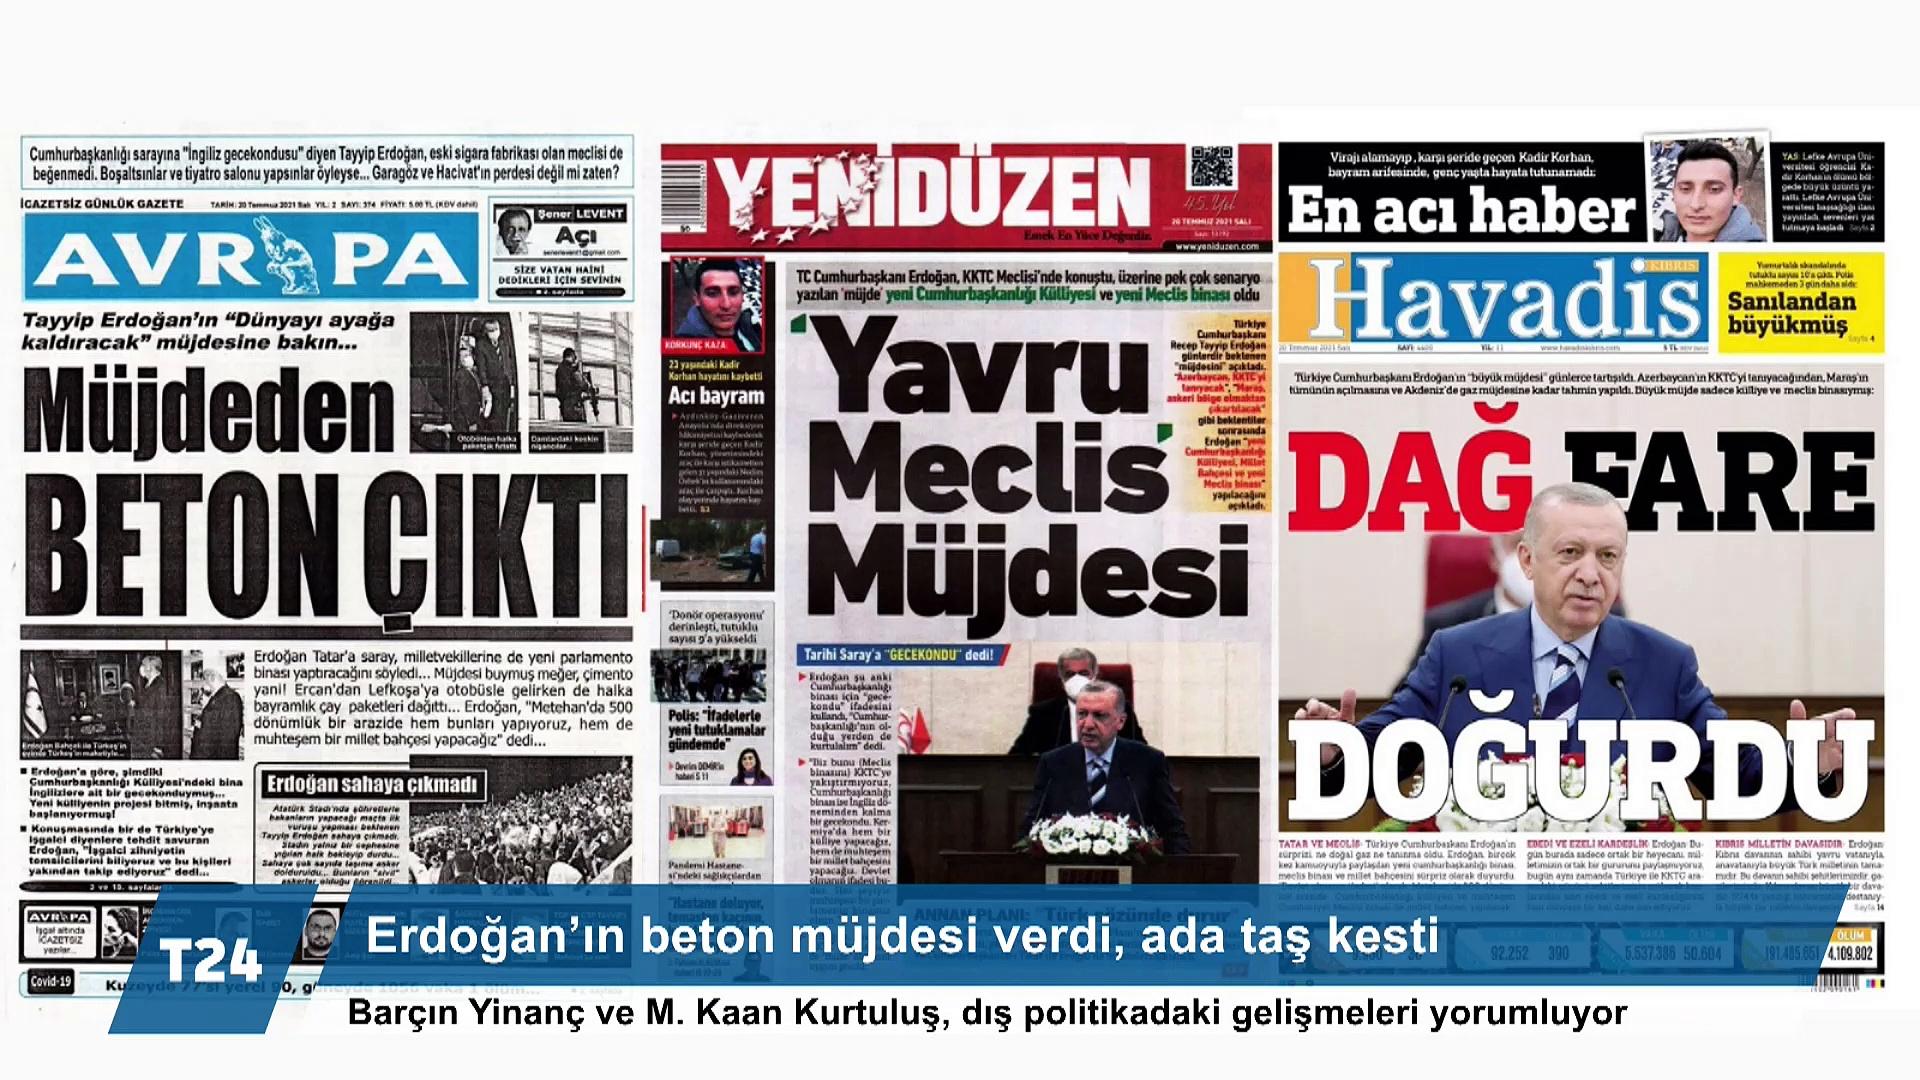 Türkiye'nin Afganistan'daki iletişim hataları